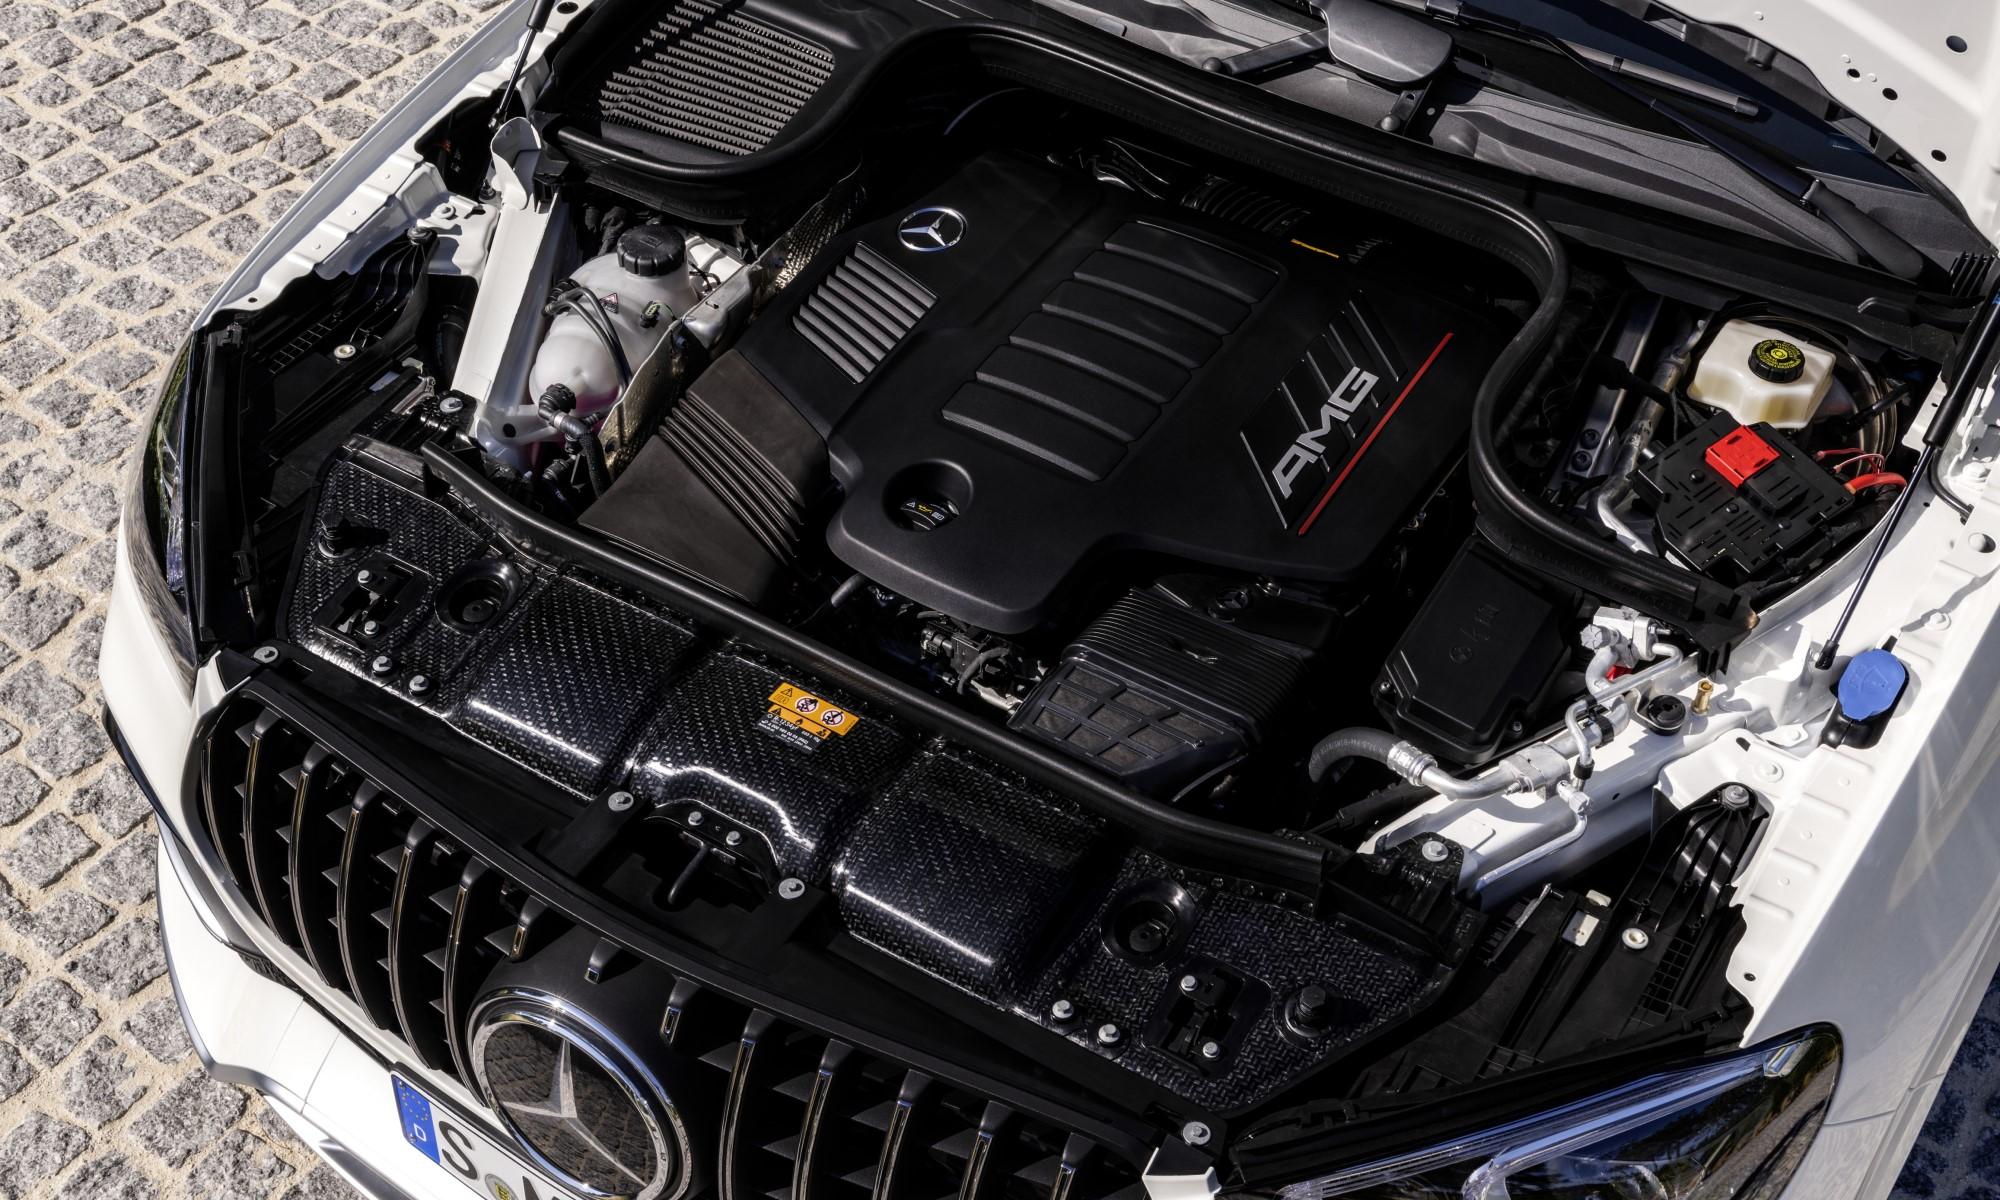 Mercedes-AMG GLE53 engine